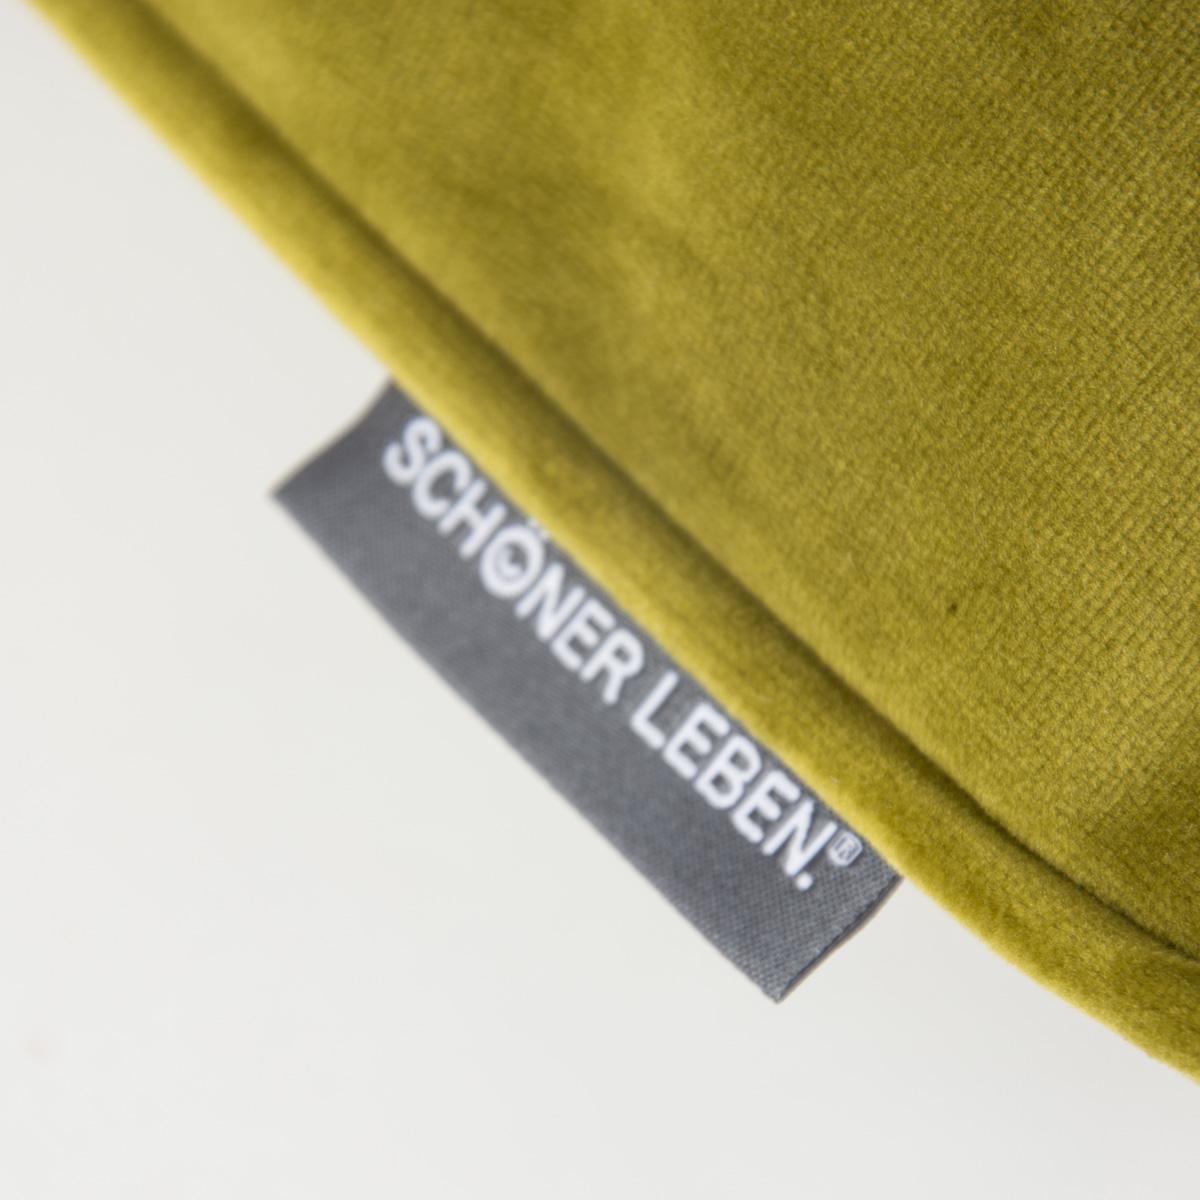 sch ner leben samtkissen mit kederumrandung und federf llung moosgr n 70x70cm wohntextilien. Black Bedroom Furniture Sets. Home Design Ideas